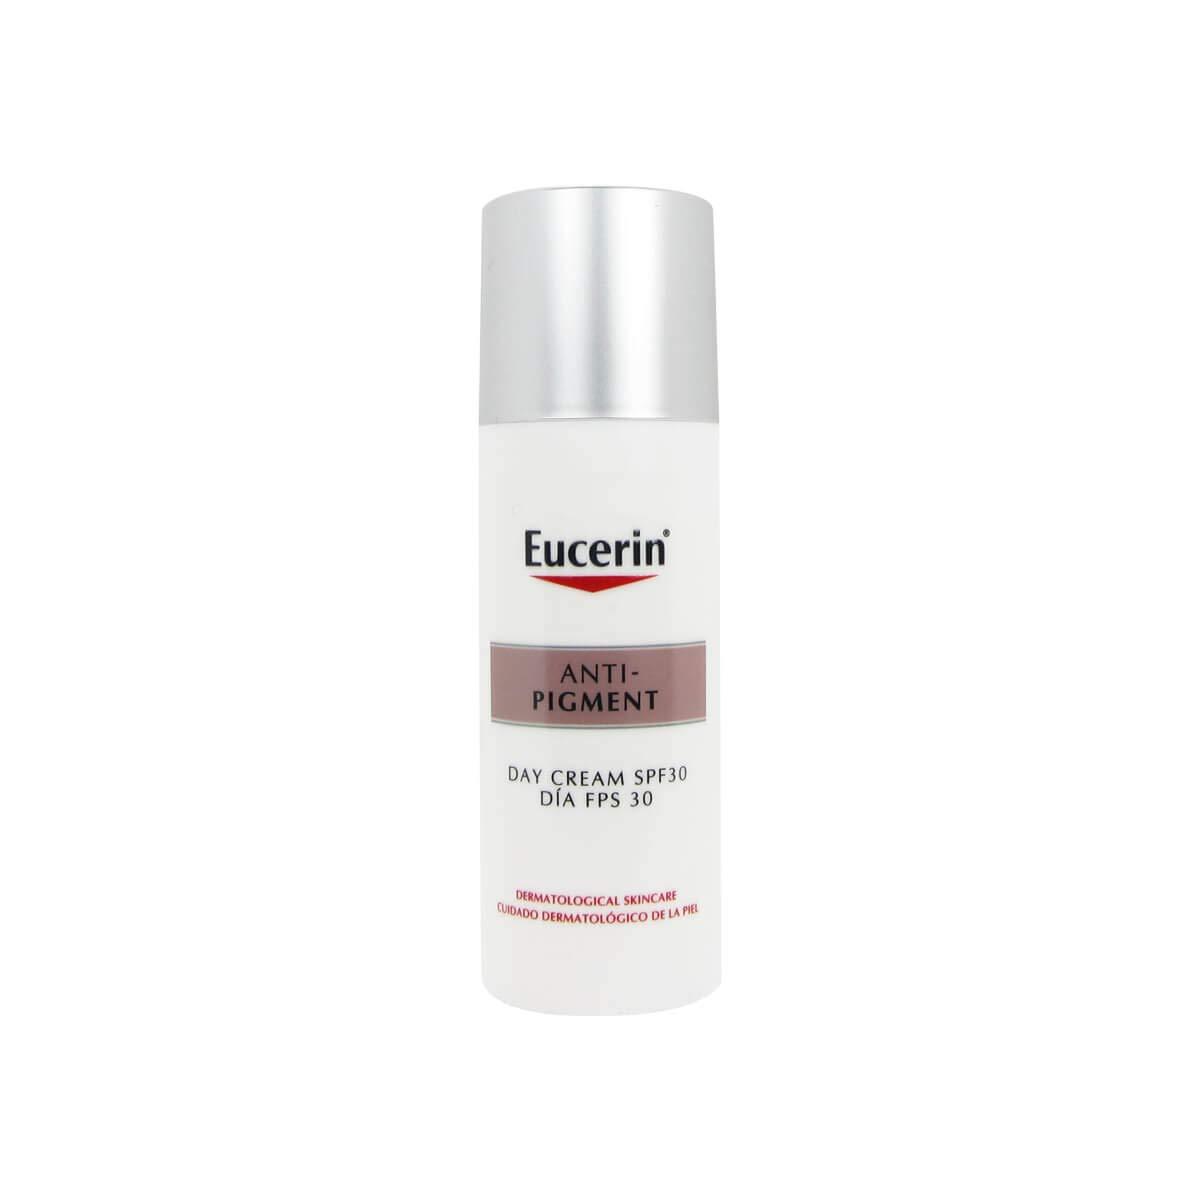 Eucerin Anti-Pigment Face Day Cream SPF 30 50ml